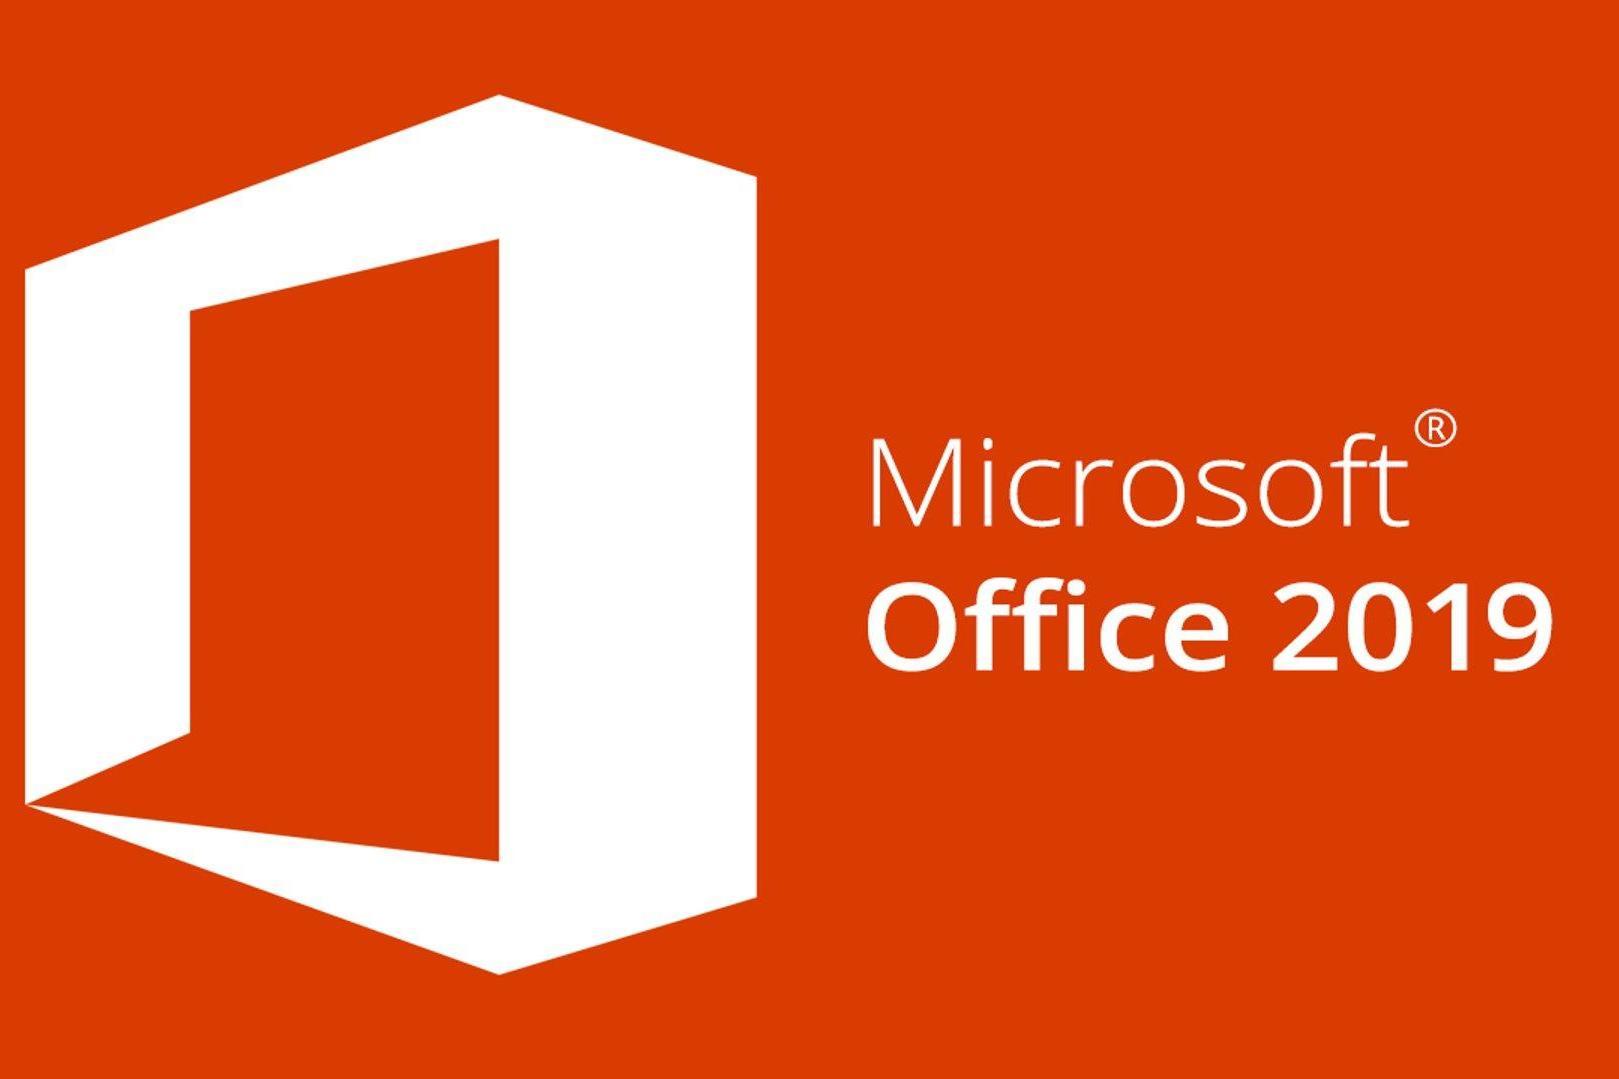 微软Office 2019在中国上市:办公更高效